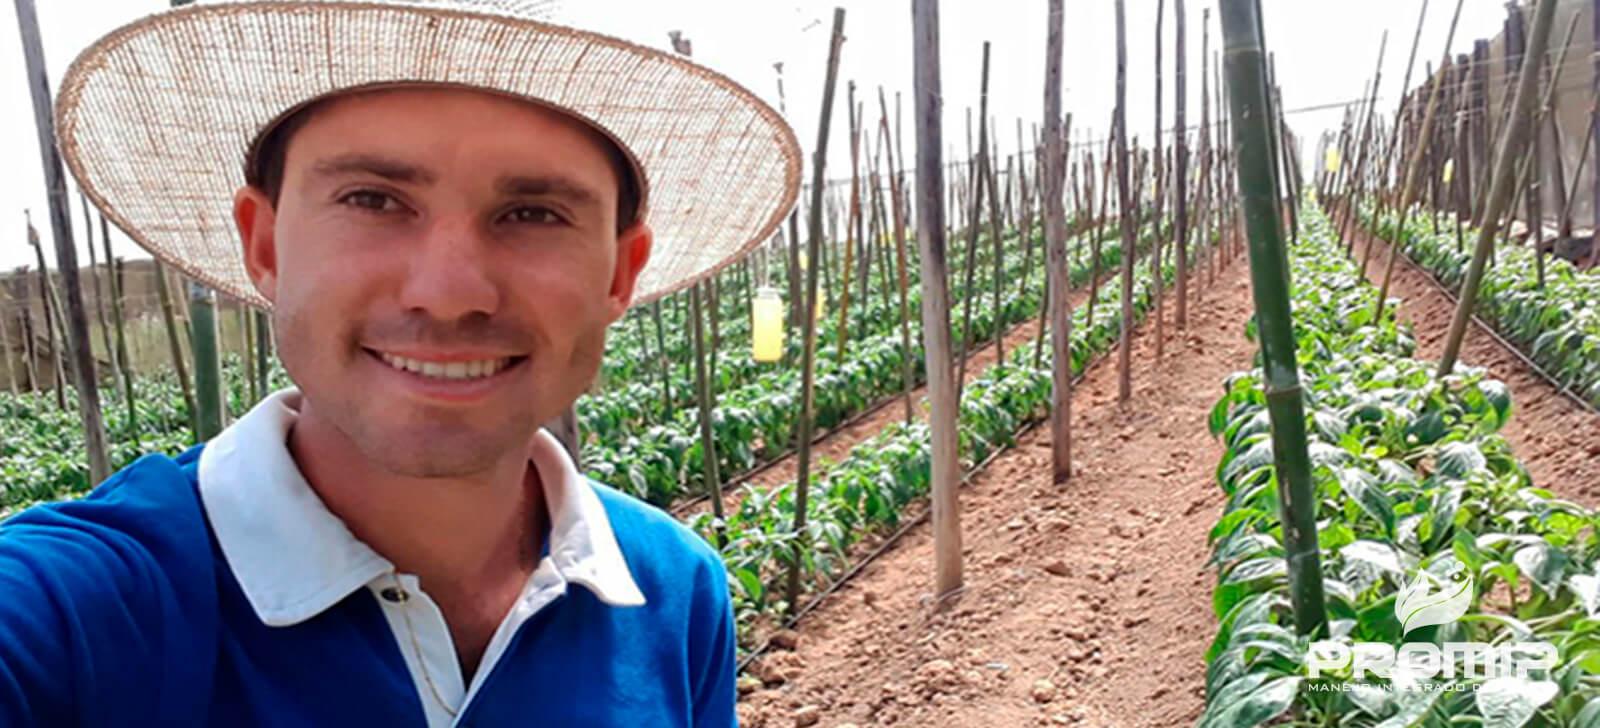 promip manejo integrado de pragas controle biologico agricultores reconhecem na pratica beneficios do controle biologico culto do pimentao (2)